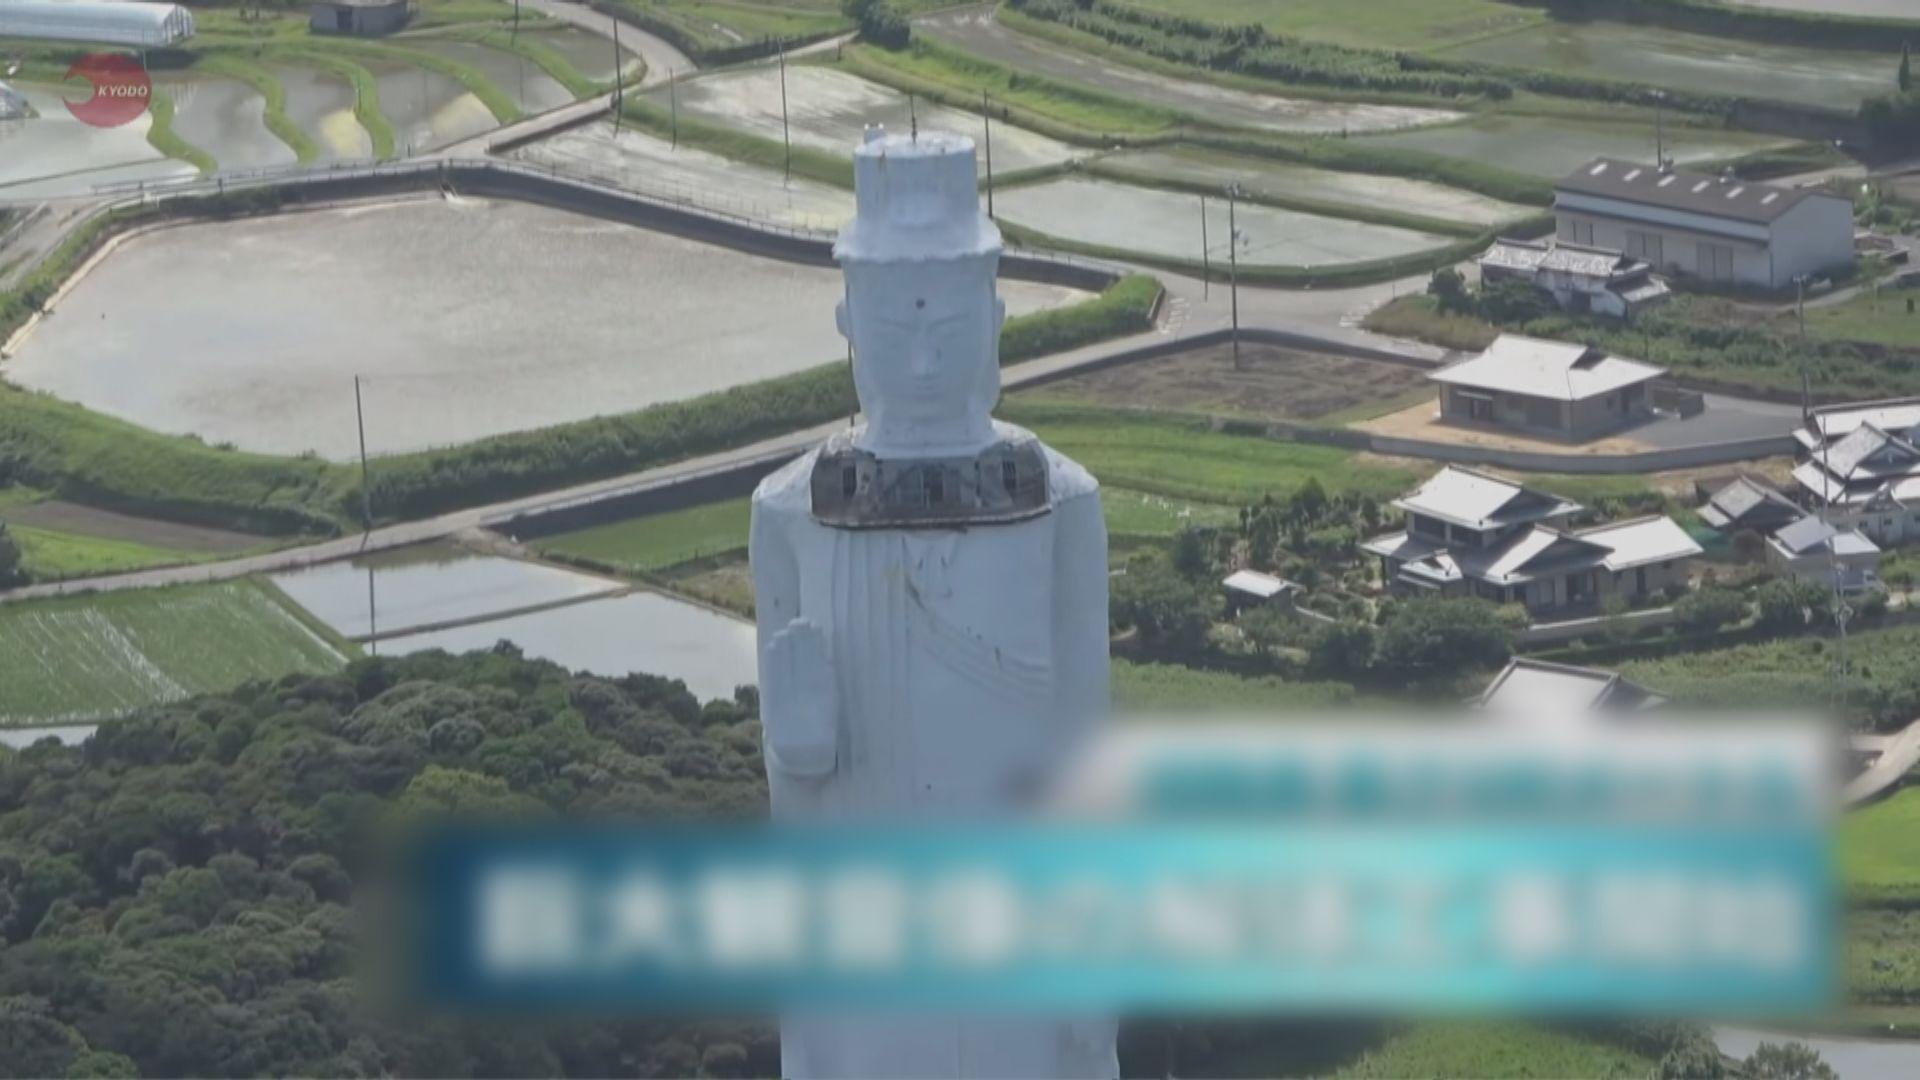 【環球薈報】日本兵庫縣耗逾八億日圓拆除巨型佛像